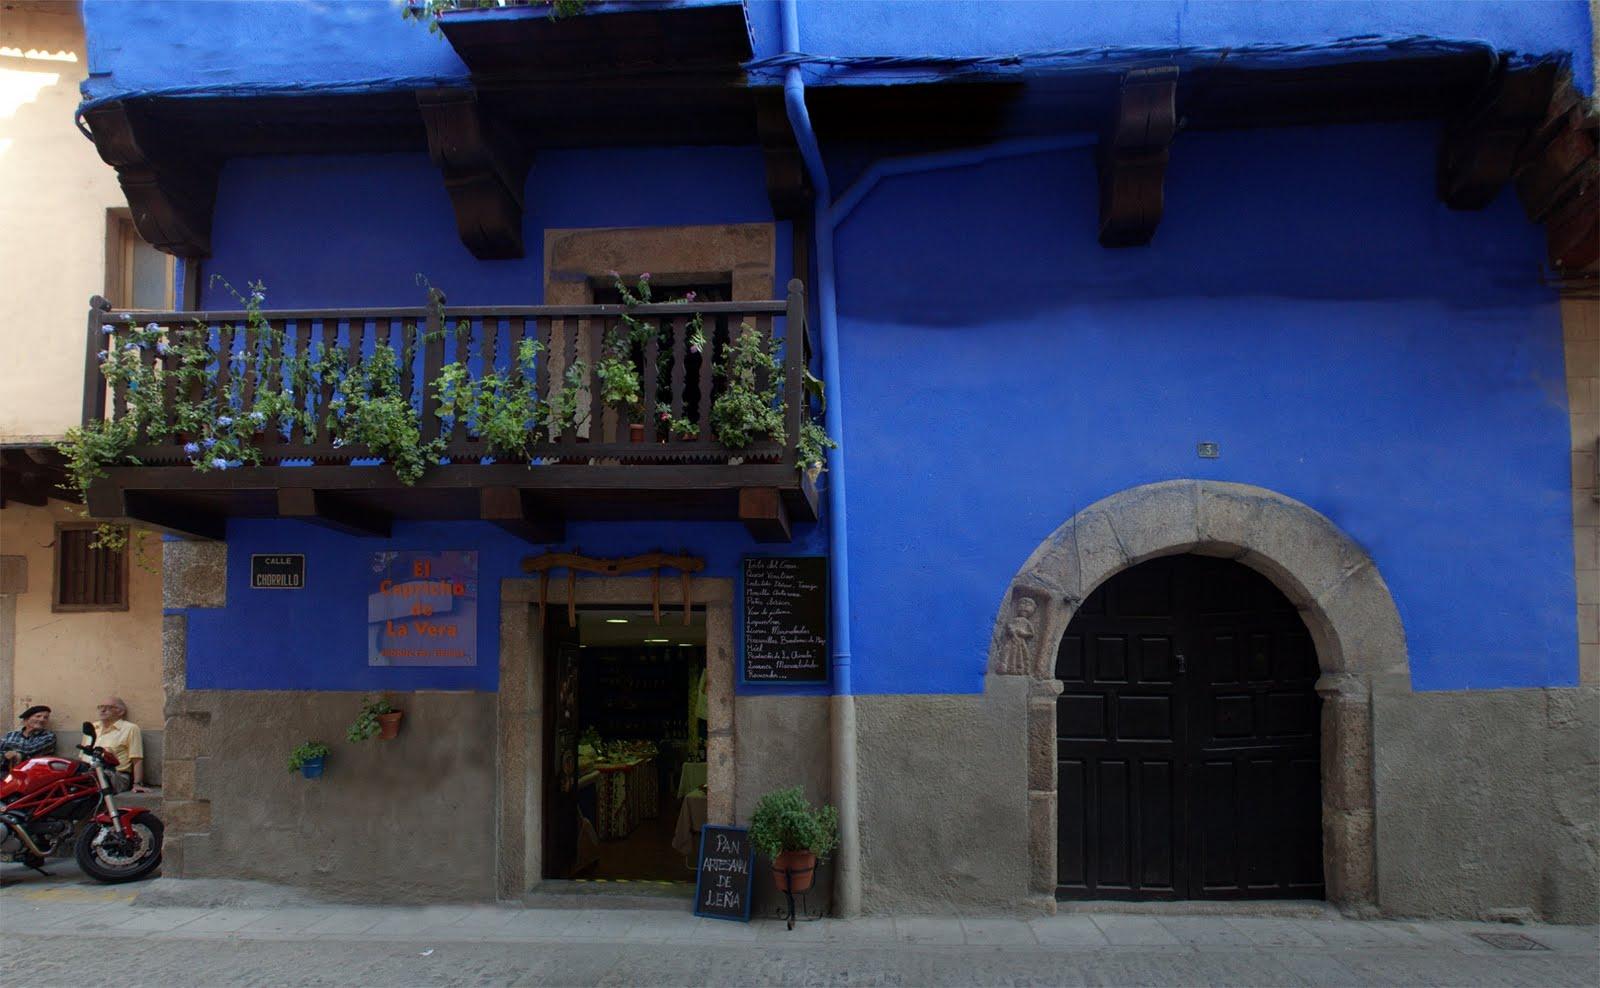 Las italianas de garganta la olla guiris por - Casas de color azul ...